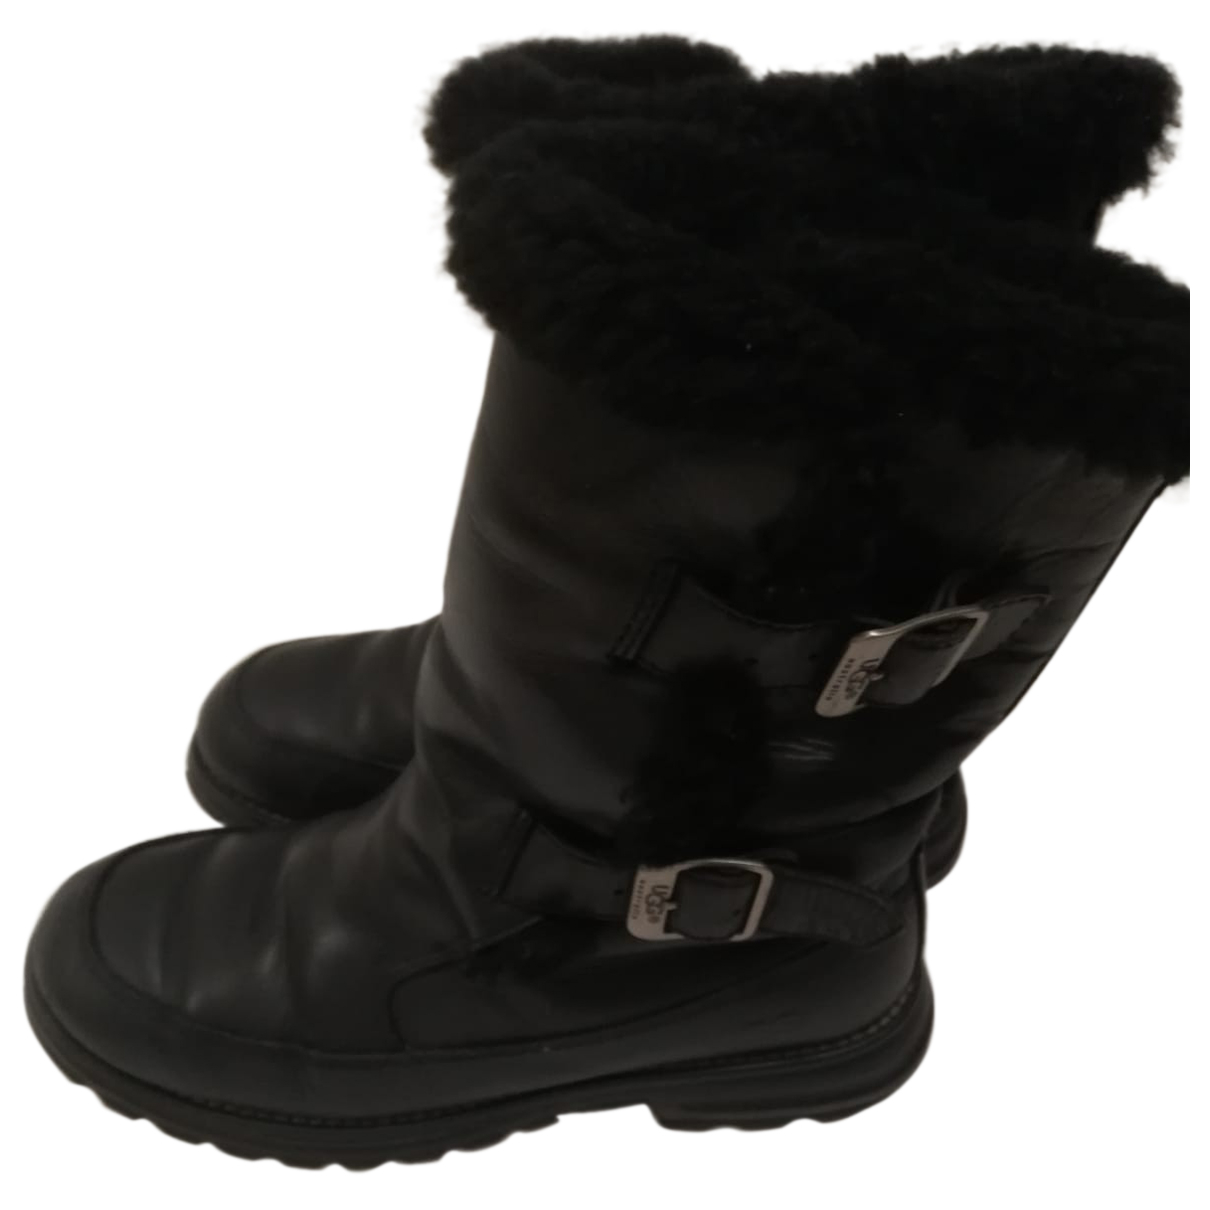 Ugg - Boots   pour femme en cuir - noir